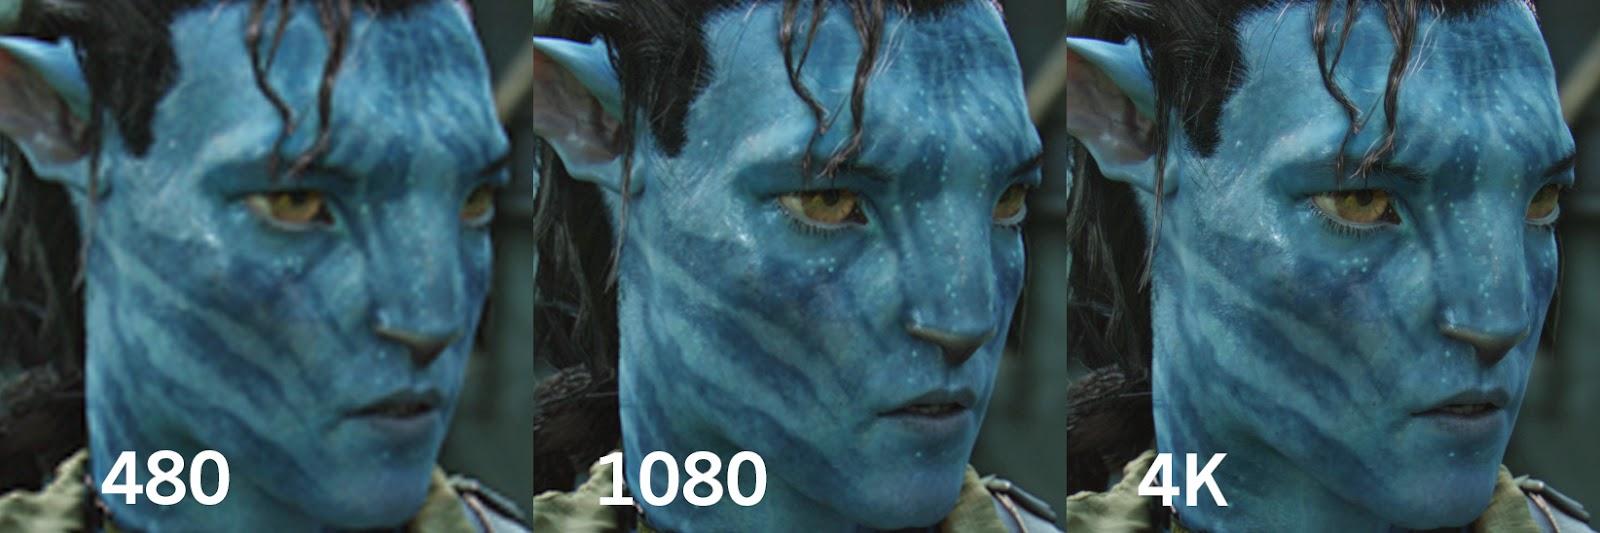 480 vs 720 vs 4k